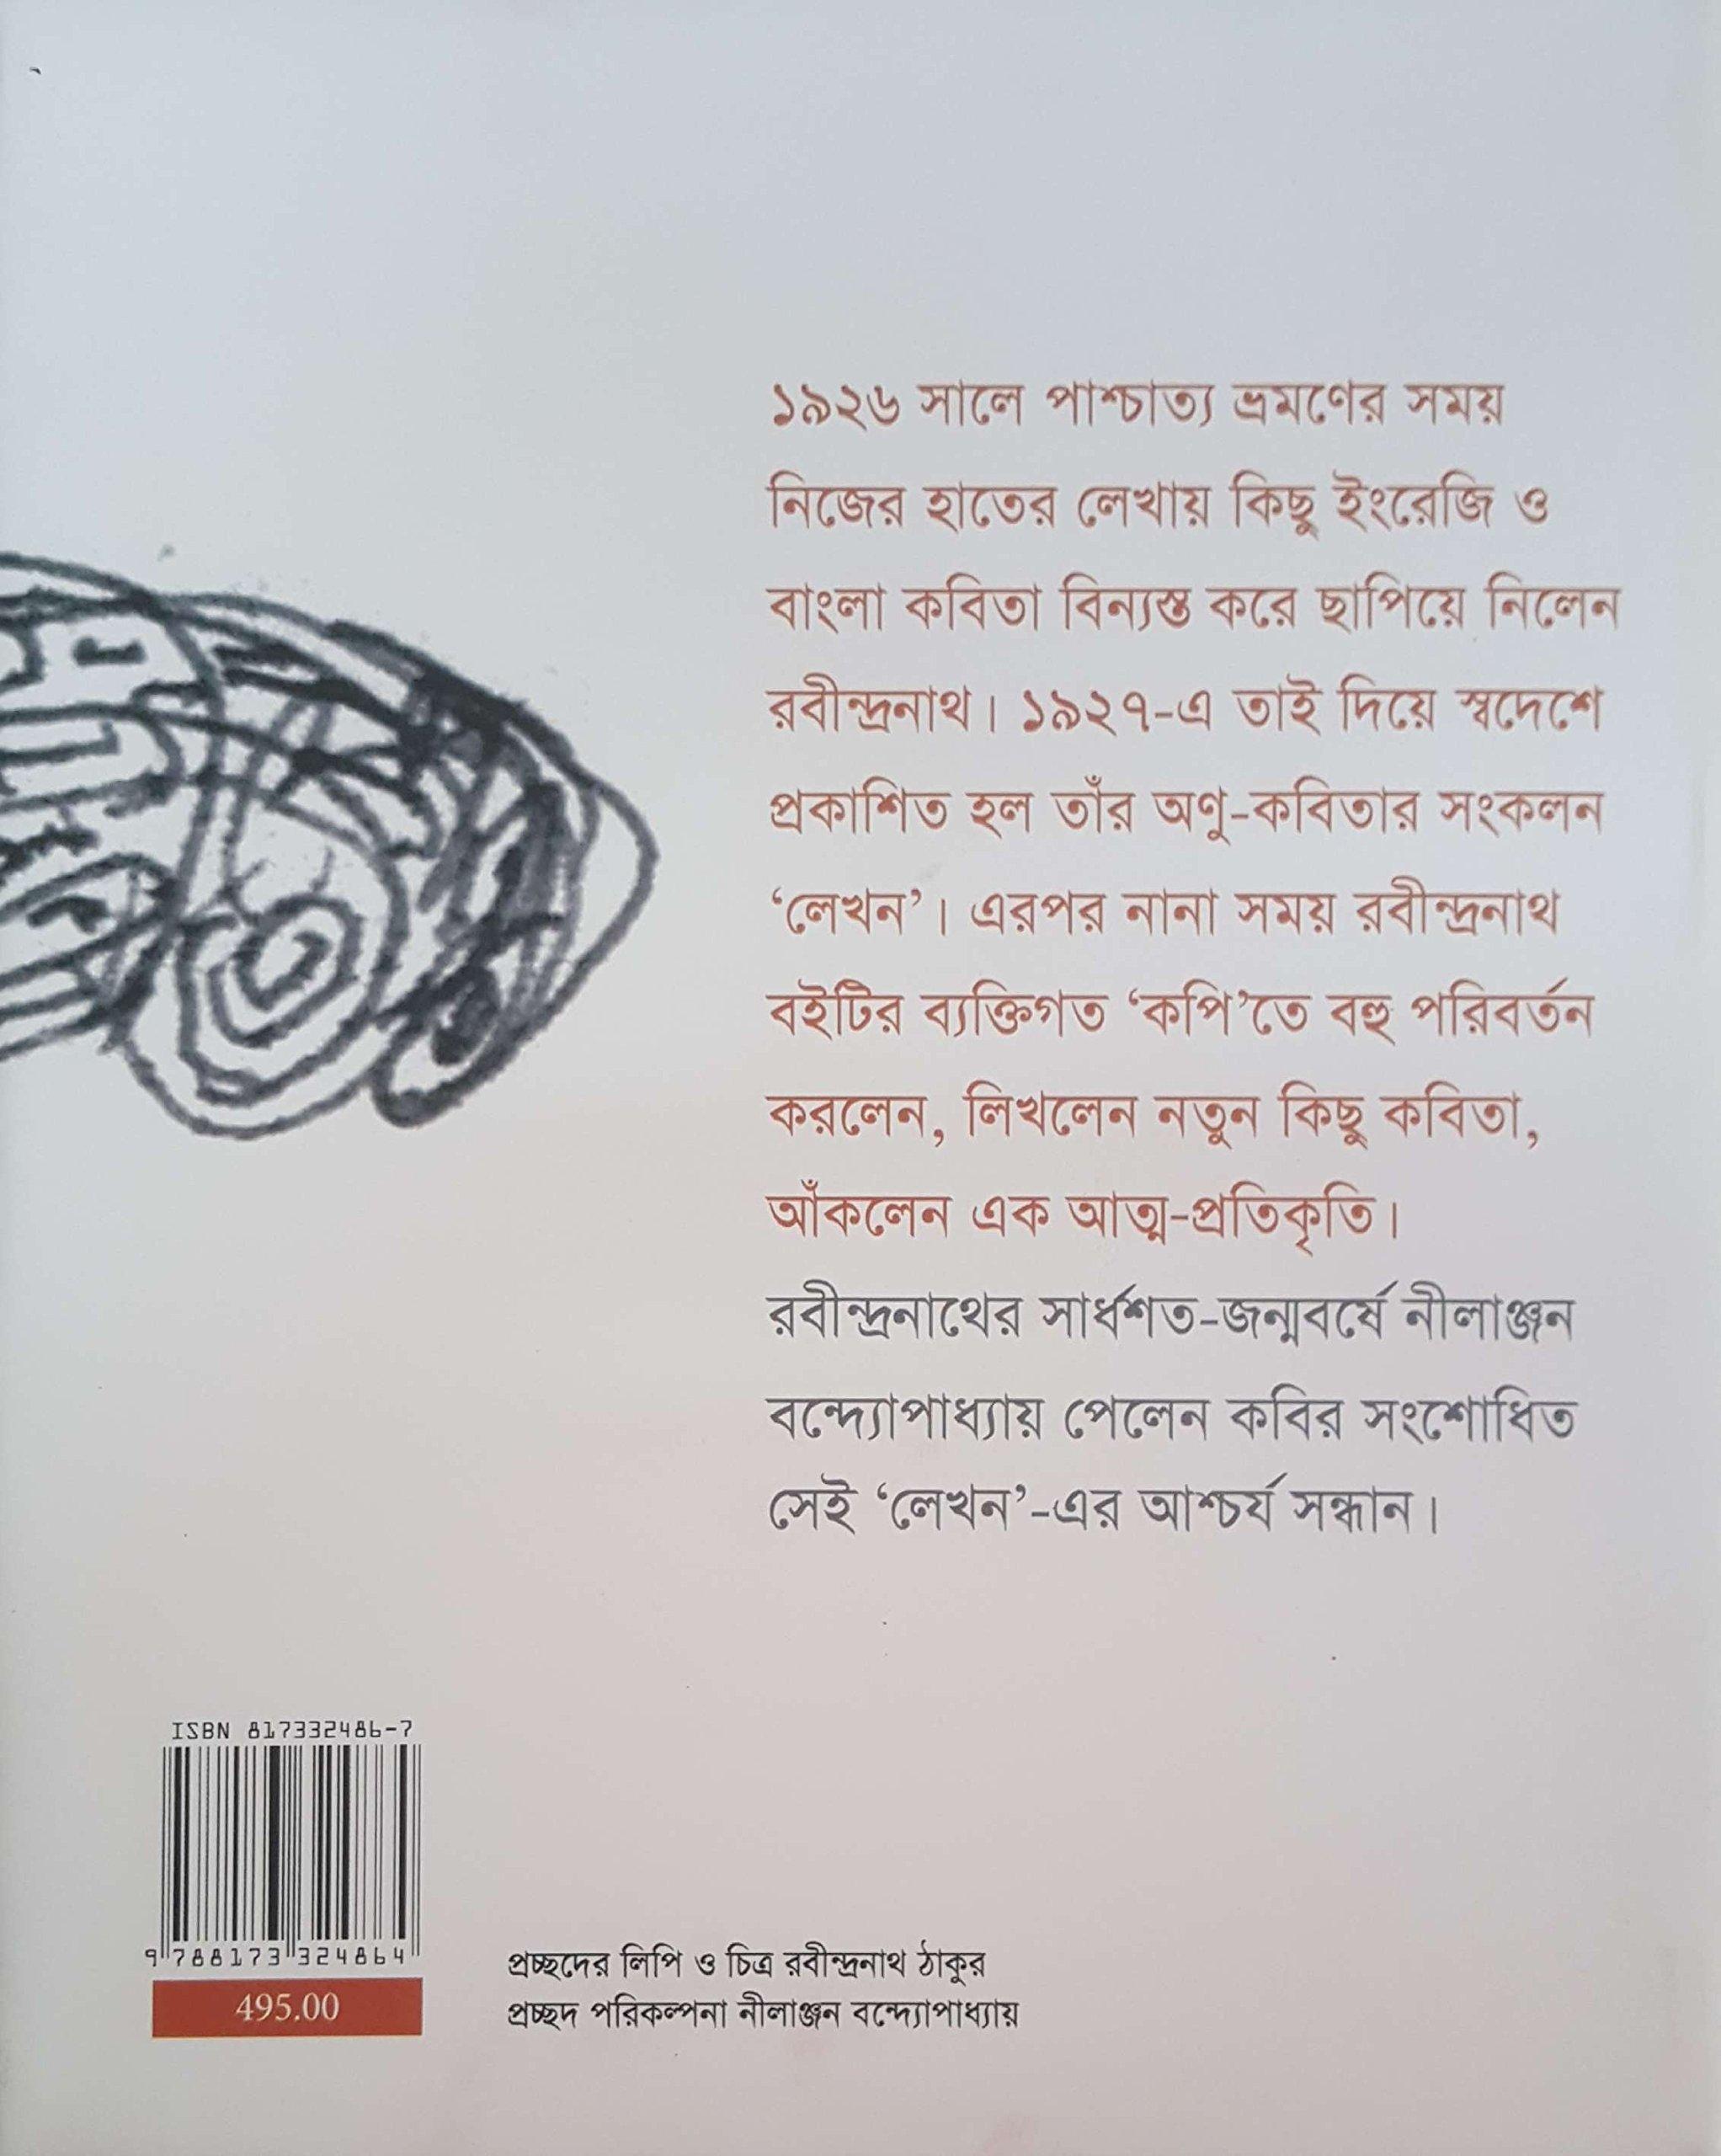 Buy Lekhan Rabindranath Thakur: Kabir Sonsodhito pratilipi sanskaran